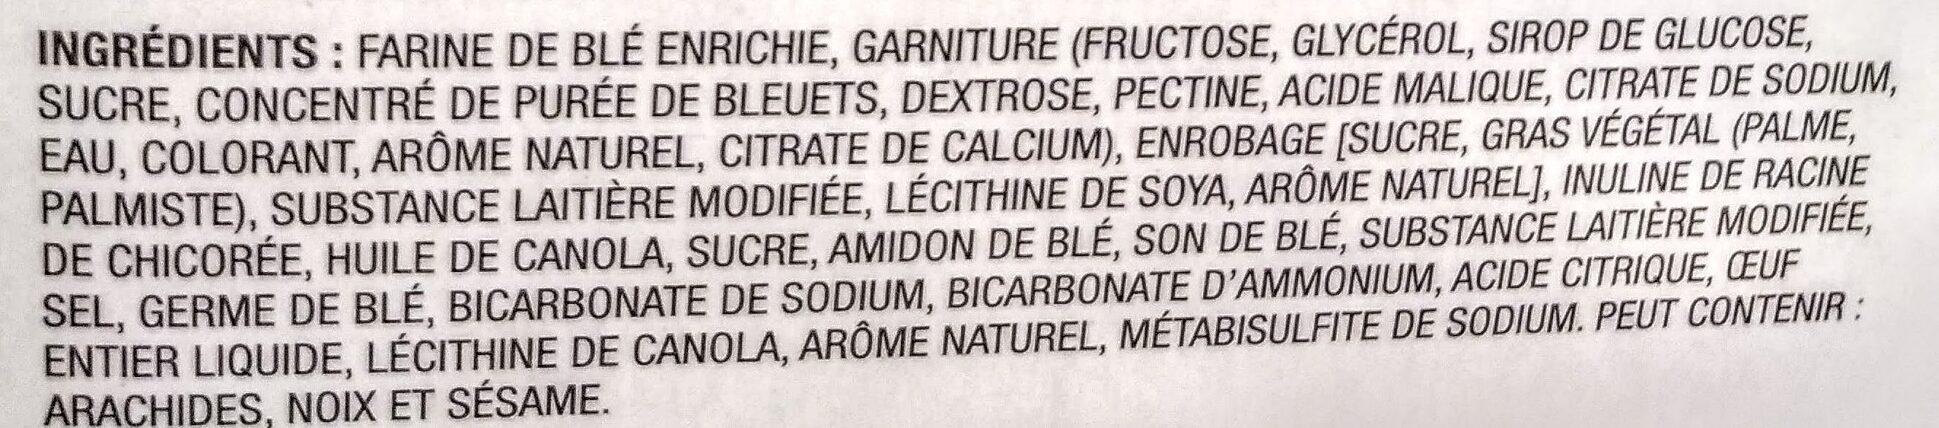 Crispy Snacks with Blueberry Filling - Ingrédients - fr